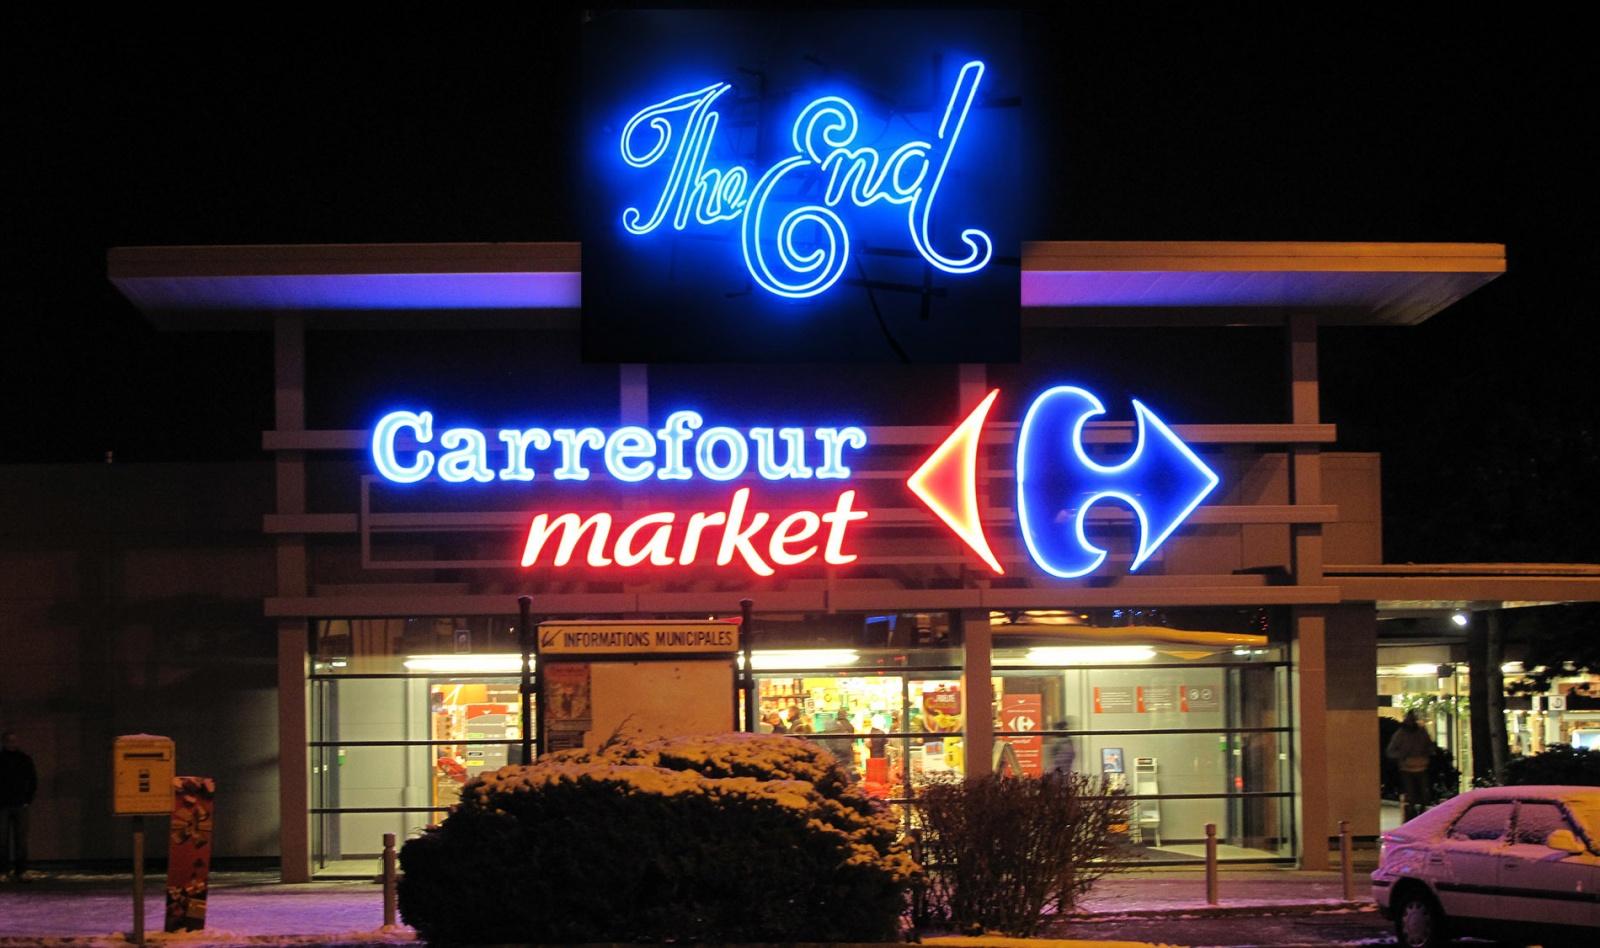 Эволюция маркетинга: от маленького интернет-магазина до гипермаркета - 1